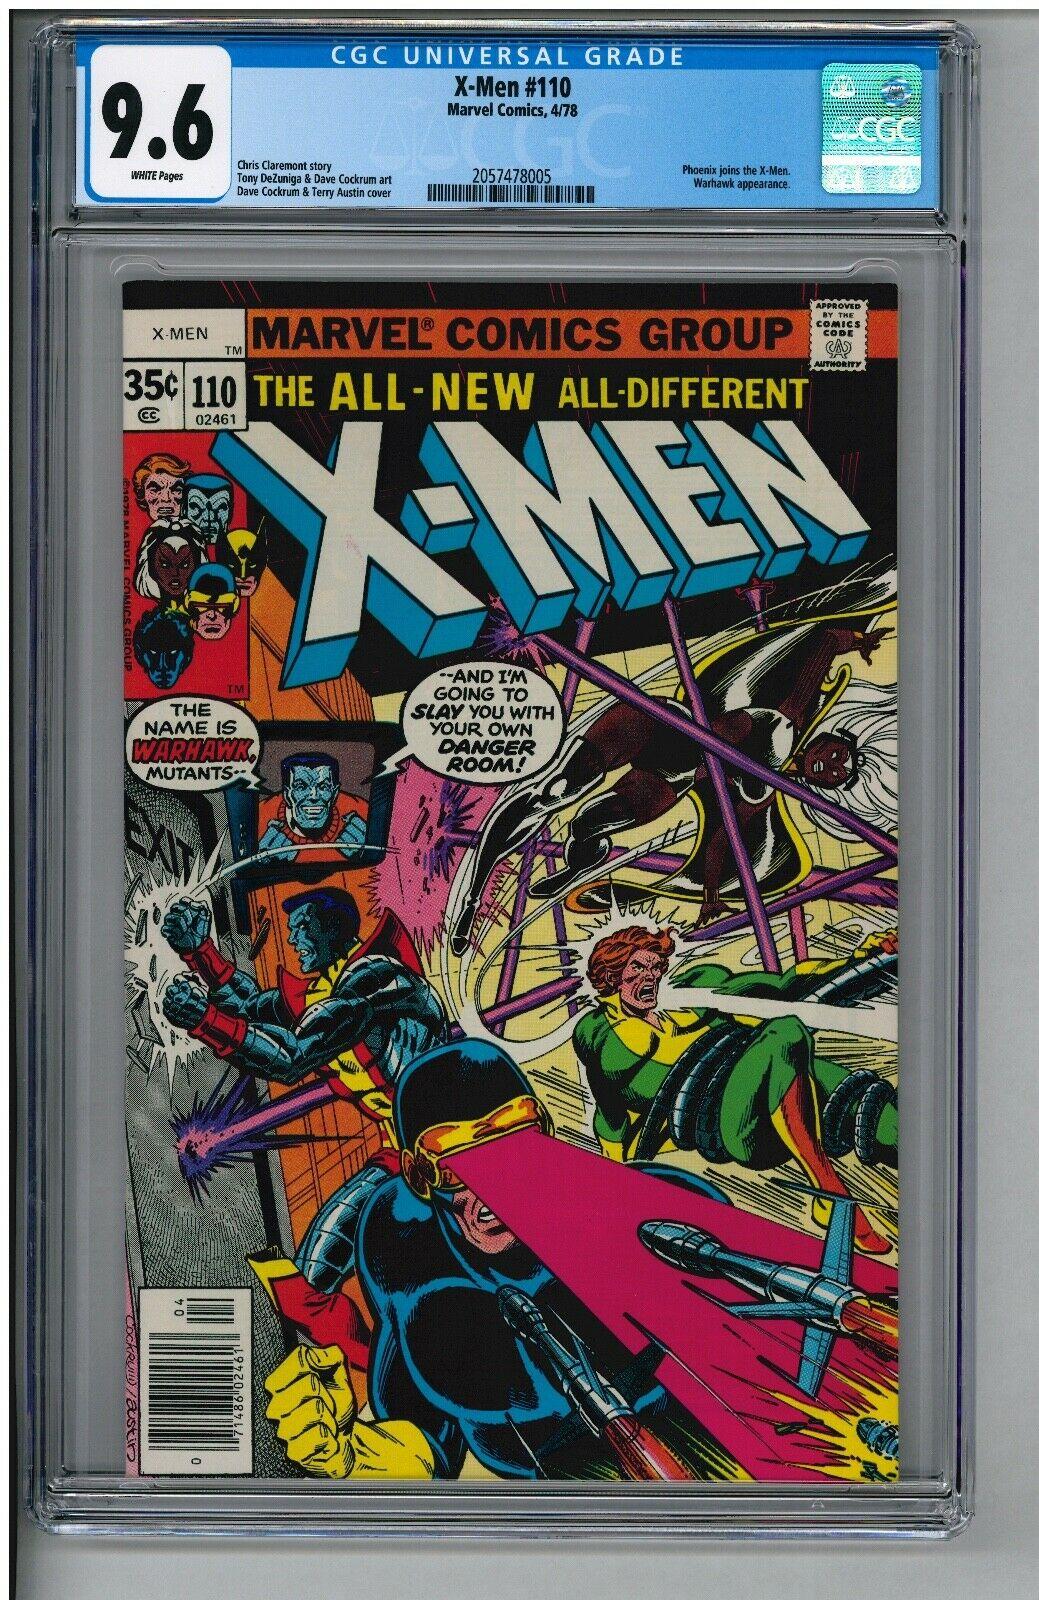 UNCANNY X-MEN 110 CGC 9.6 NM+ WHITE PAGES NEWSSTAND KEY PHOENIX JOINS X-MEN 4/78